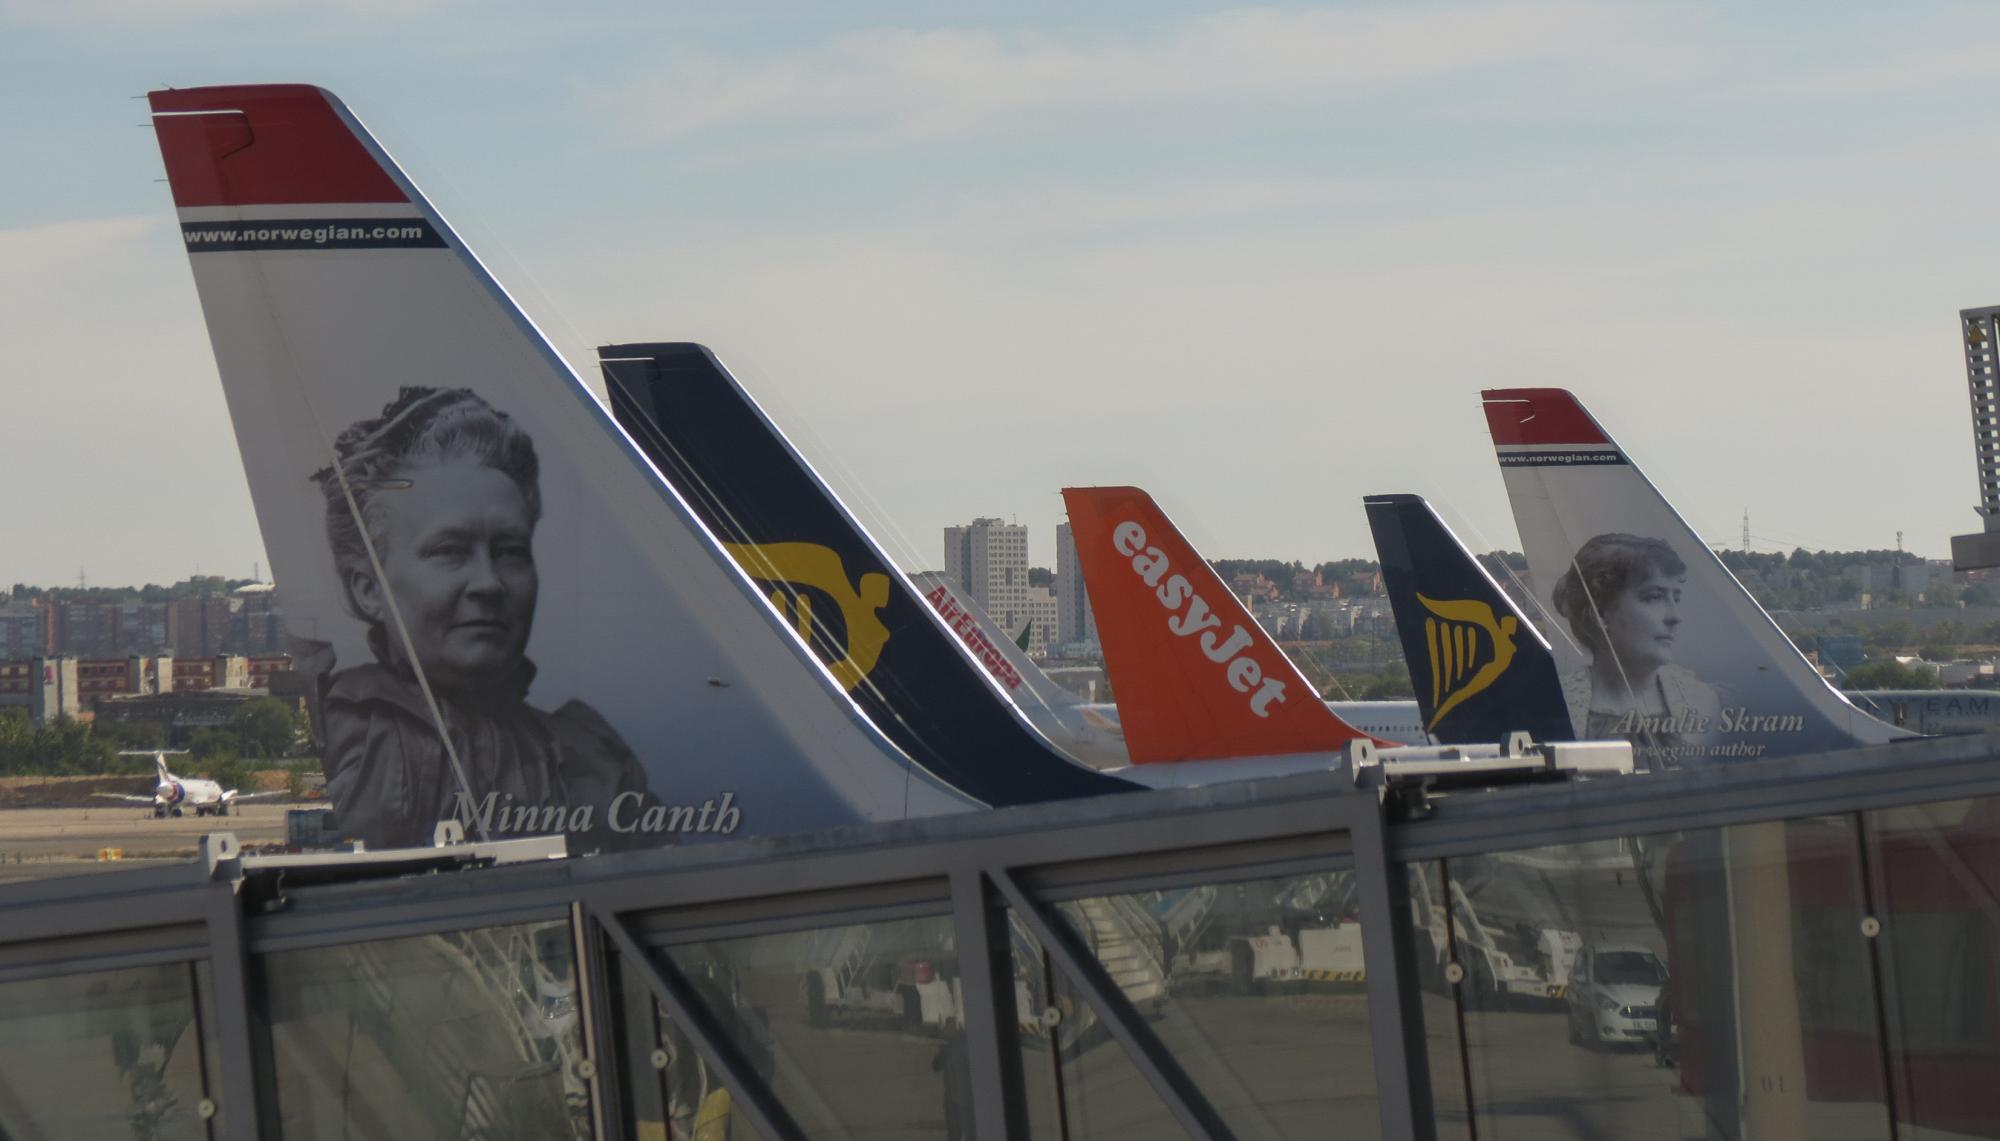 a4401f30d4 Kilka znanych linii lotniczych zniknie lub zmieni właściciela ...